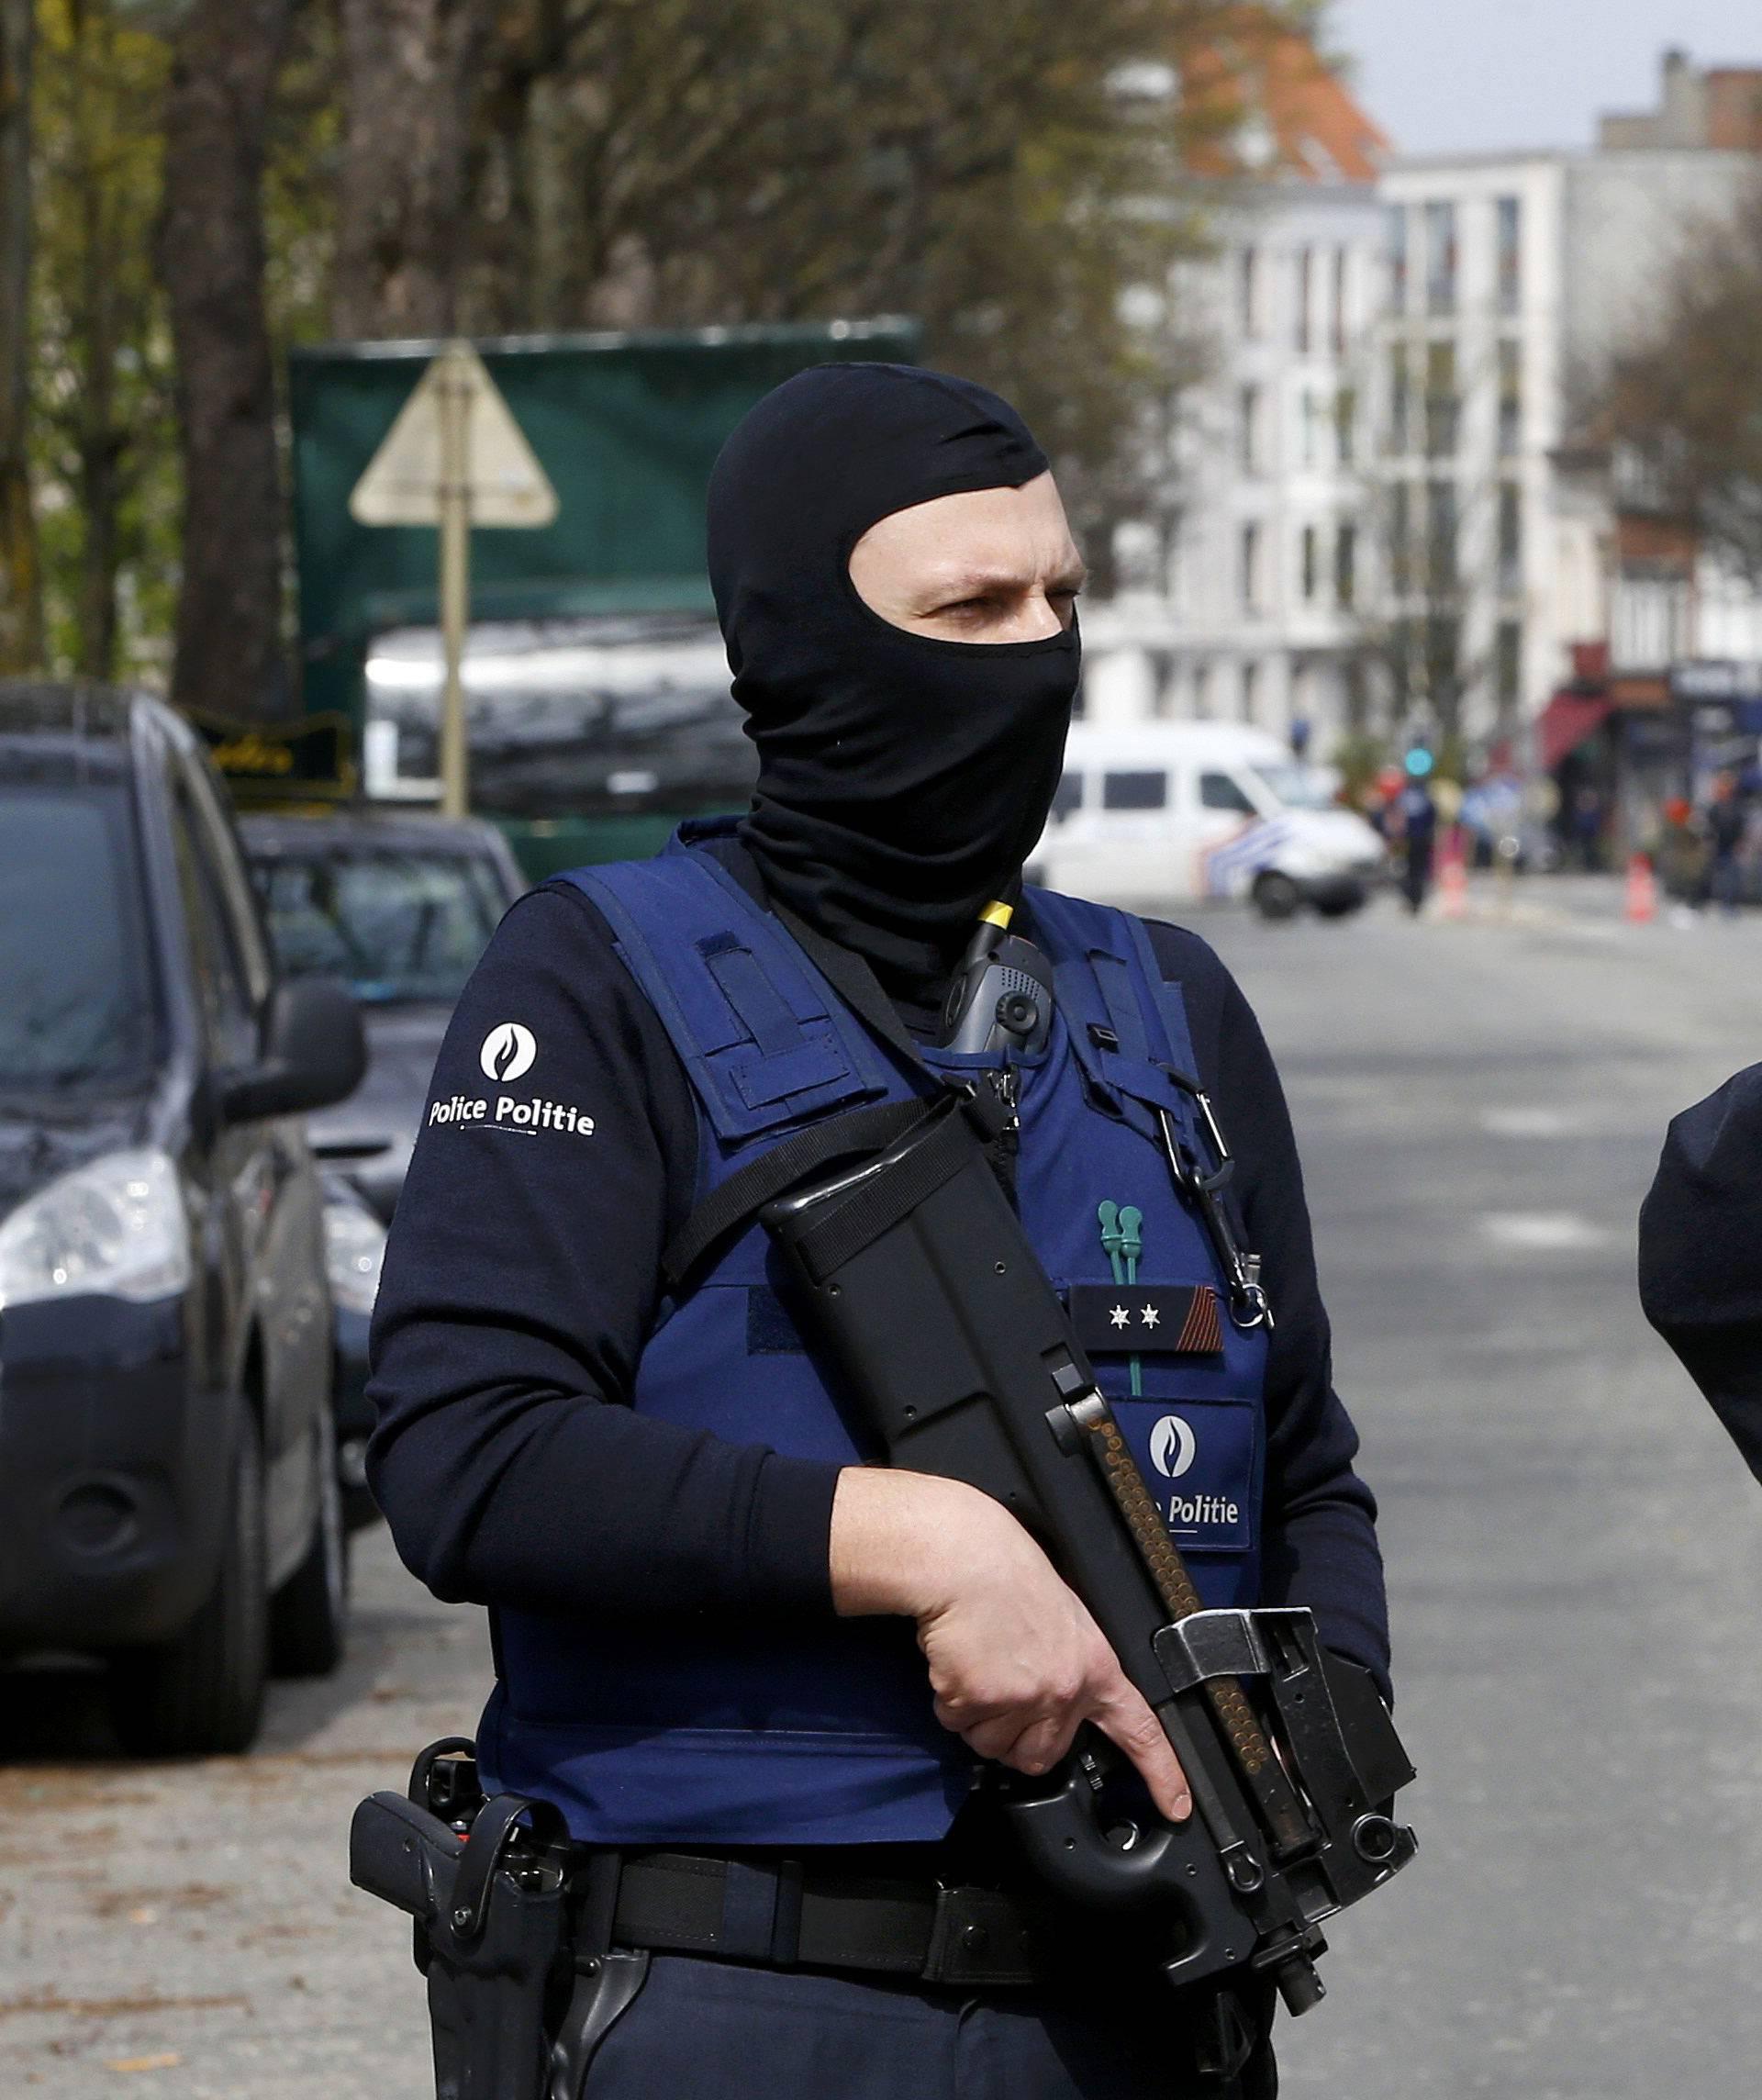 Džihadisti su radili kao vozači zastupnika u Bruxellesu?